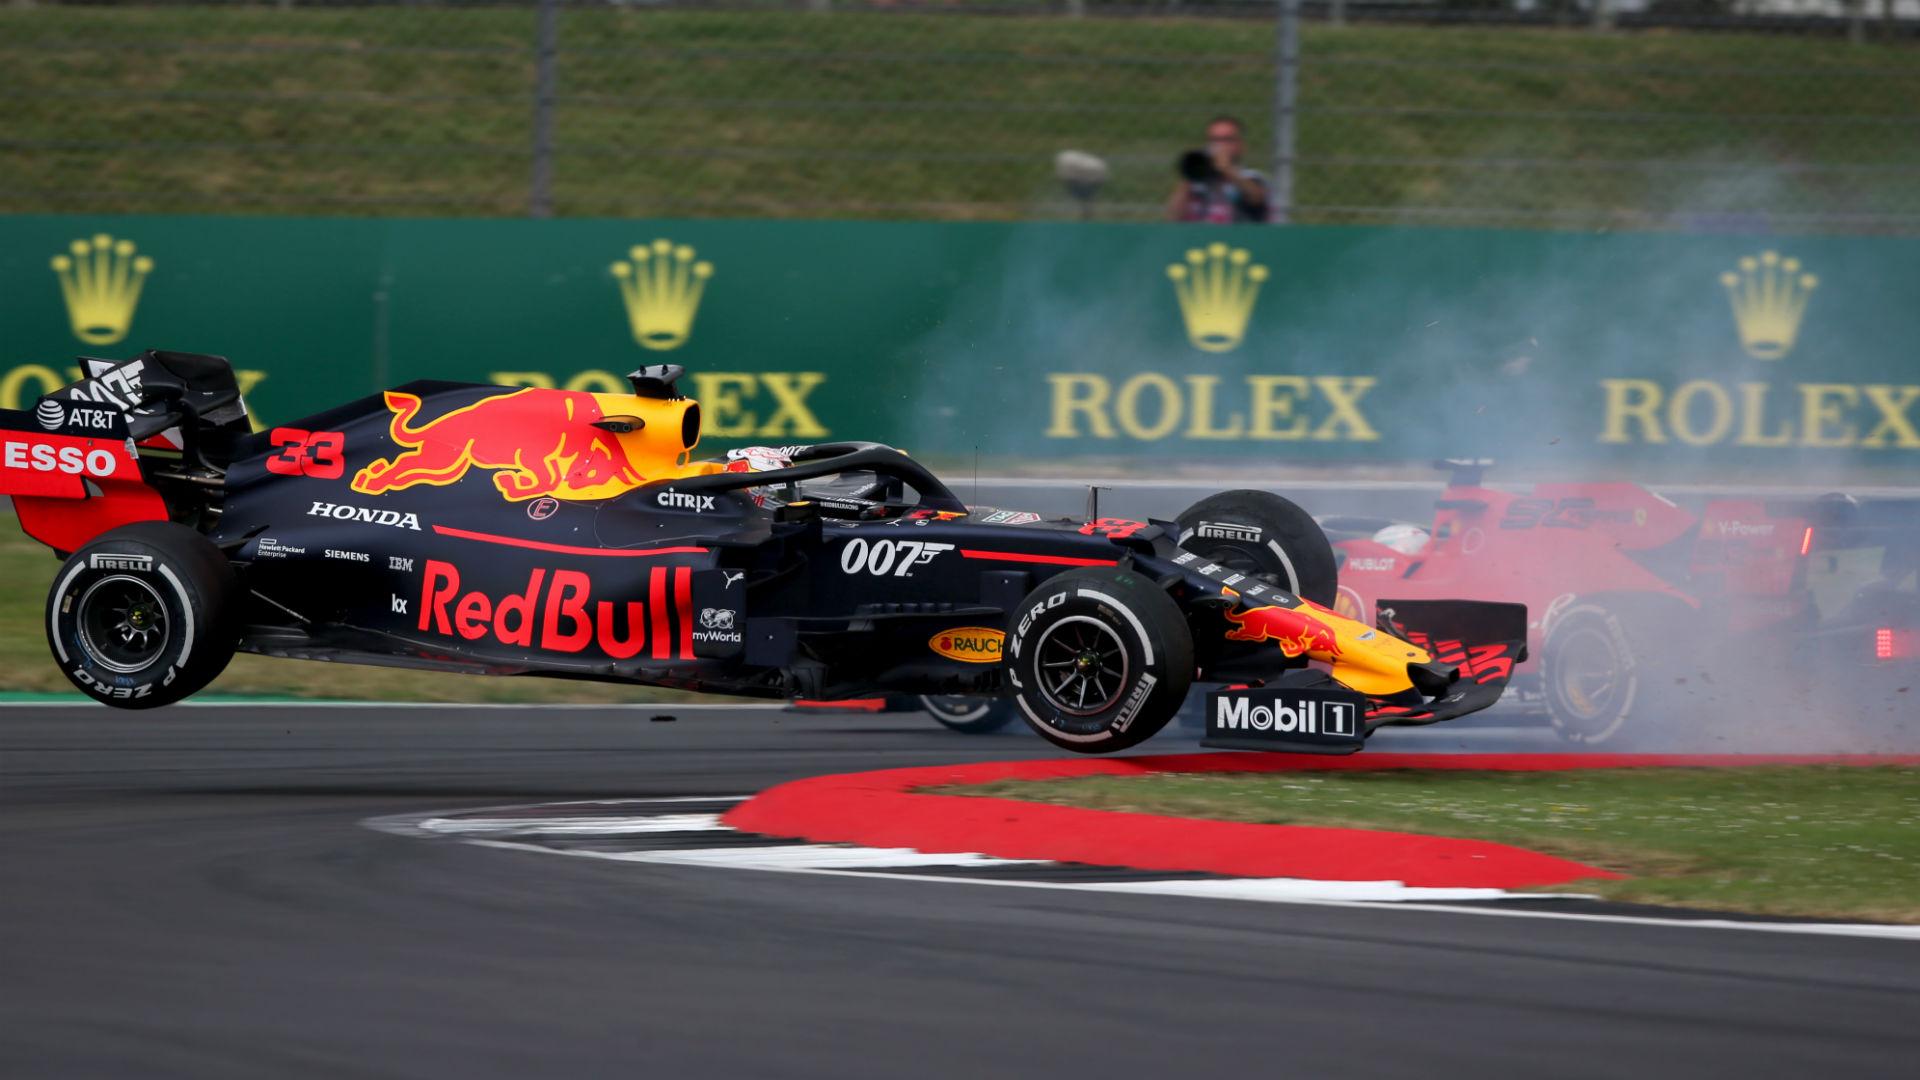 I don't know how I finished, says Verstappen after Vettel crash